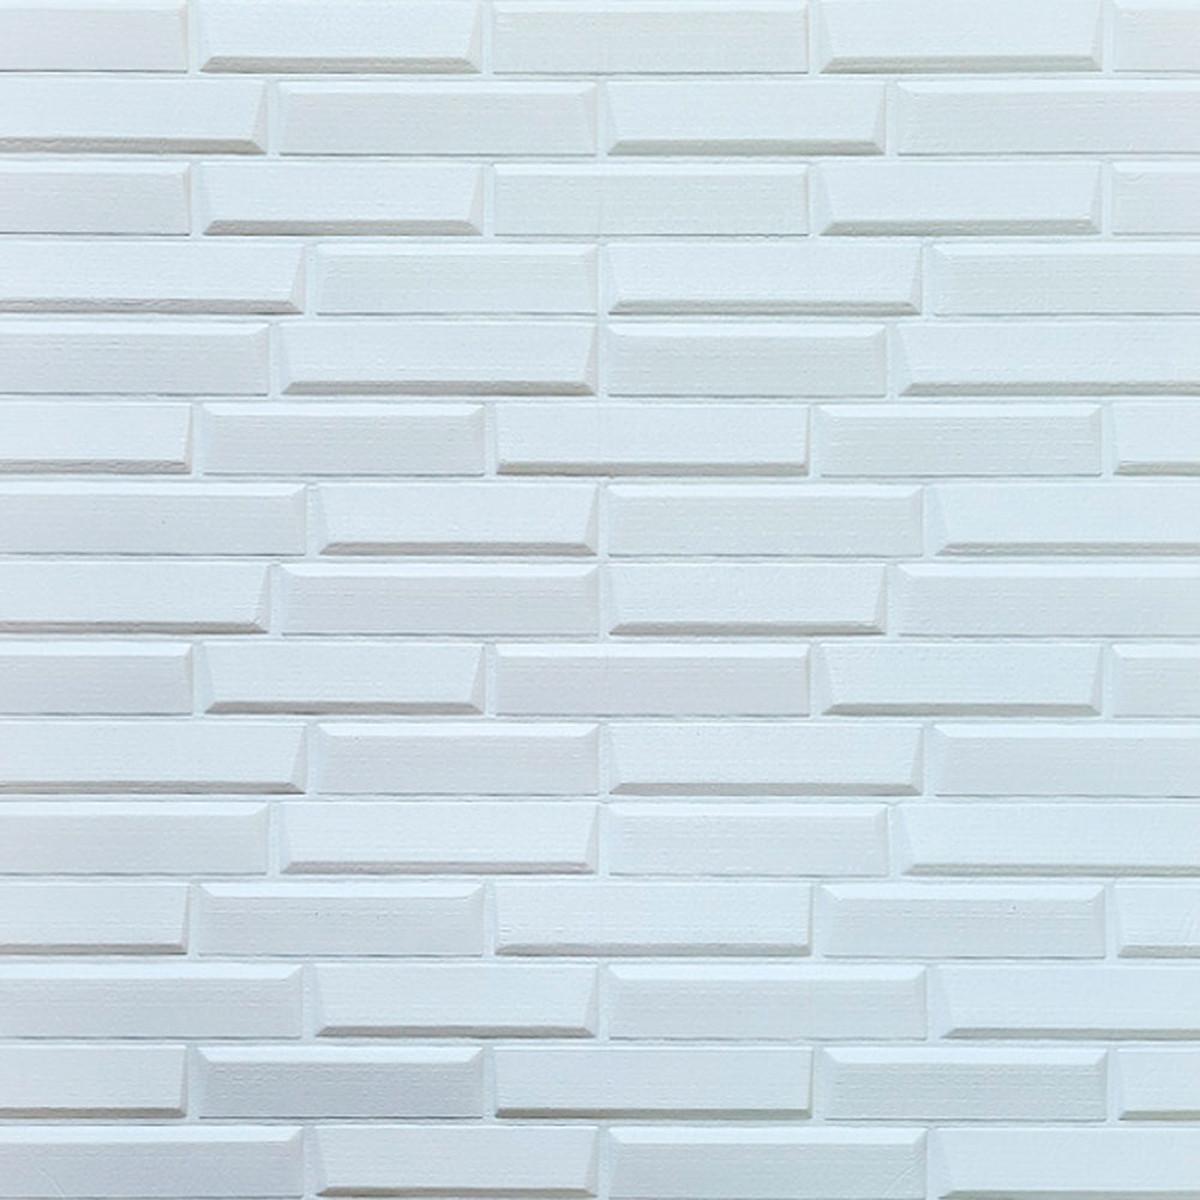 Самоклеюча декоративна 3D панель біла кладка 770х700х8 мм